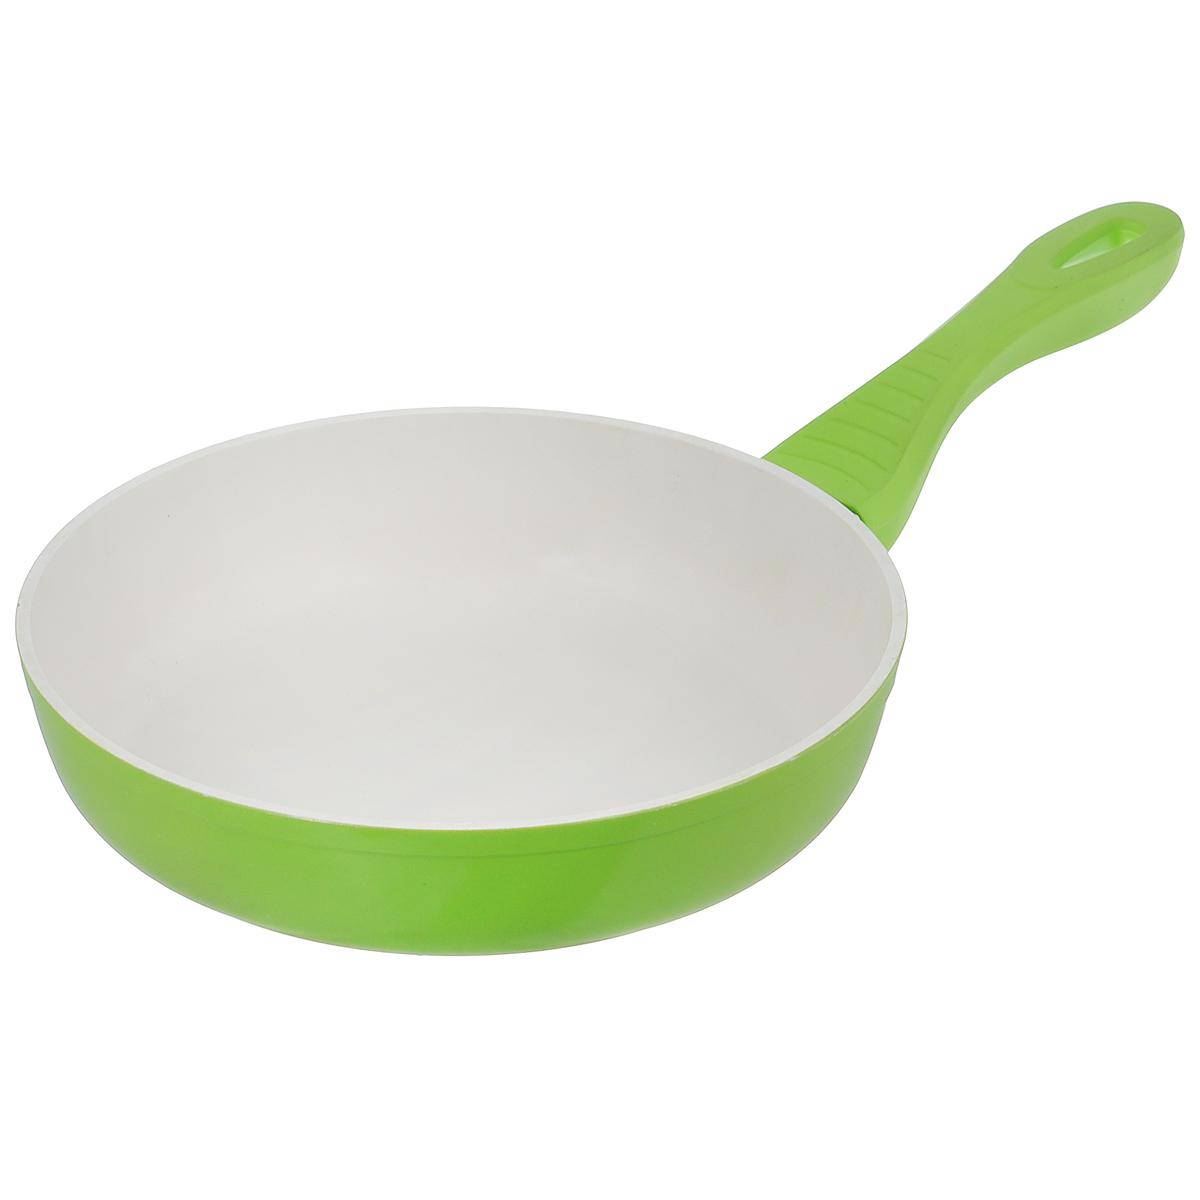 Сковорода Mayer & Boch, с керамическим покрытием, цвет: салатовый. Диаметр 28 см. 2220322203Сковорода Mayer & Boch изготовлена из алюминия с высококачественным керамическим покрытием. Керамика не содержит вредных примесей ПФОК, что способствует здоровому и экологичному приготовлению пищи. Кроме того, с таким покрытием пища не пригорает и не прилипает к стенкам, поэтому можно готовить с минимальным добавлением масла и жиров. Гладкая, идеально ровная поверхность сковороды легко чистится, ее можно мыть в воде руками или вытирать полотенцем. Внешнее покрытие - термостойкий лак. Эргономичная ручка специального дизайна, выполненная из пластика с силиконовым покрытием, удобна в эксплуатации. Сковорода подходит для использования на электрических и газовых плитах. Также изделие можно мыть в посудомоечной машине. Высота стенок: 5,5 см. Толщина стенок: 2 мм. Толщина дна: 4 мм. Длина ручки: 18 см.